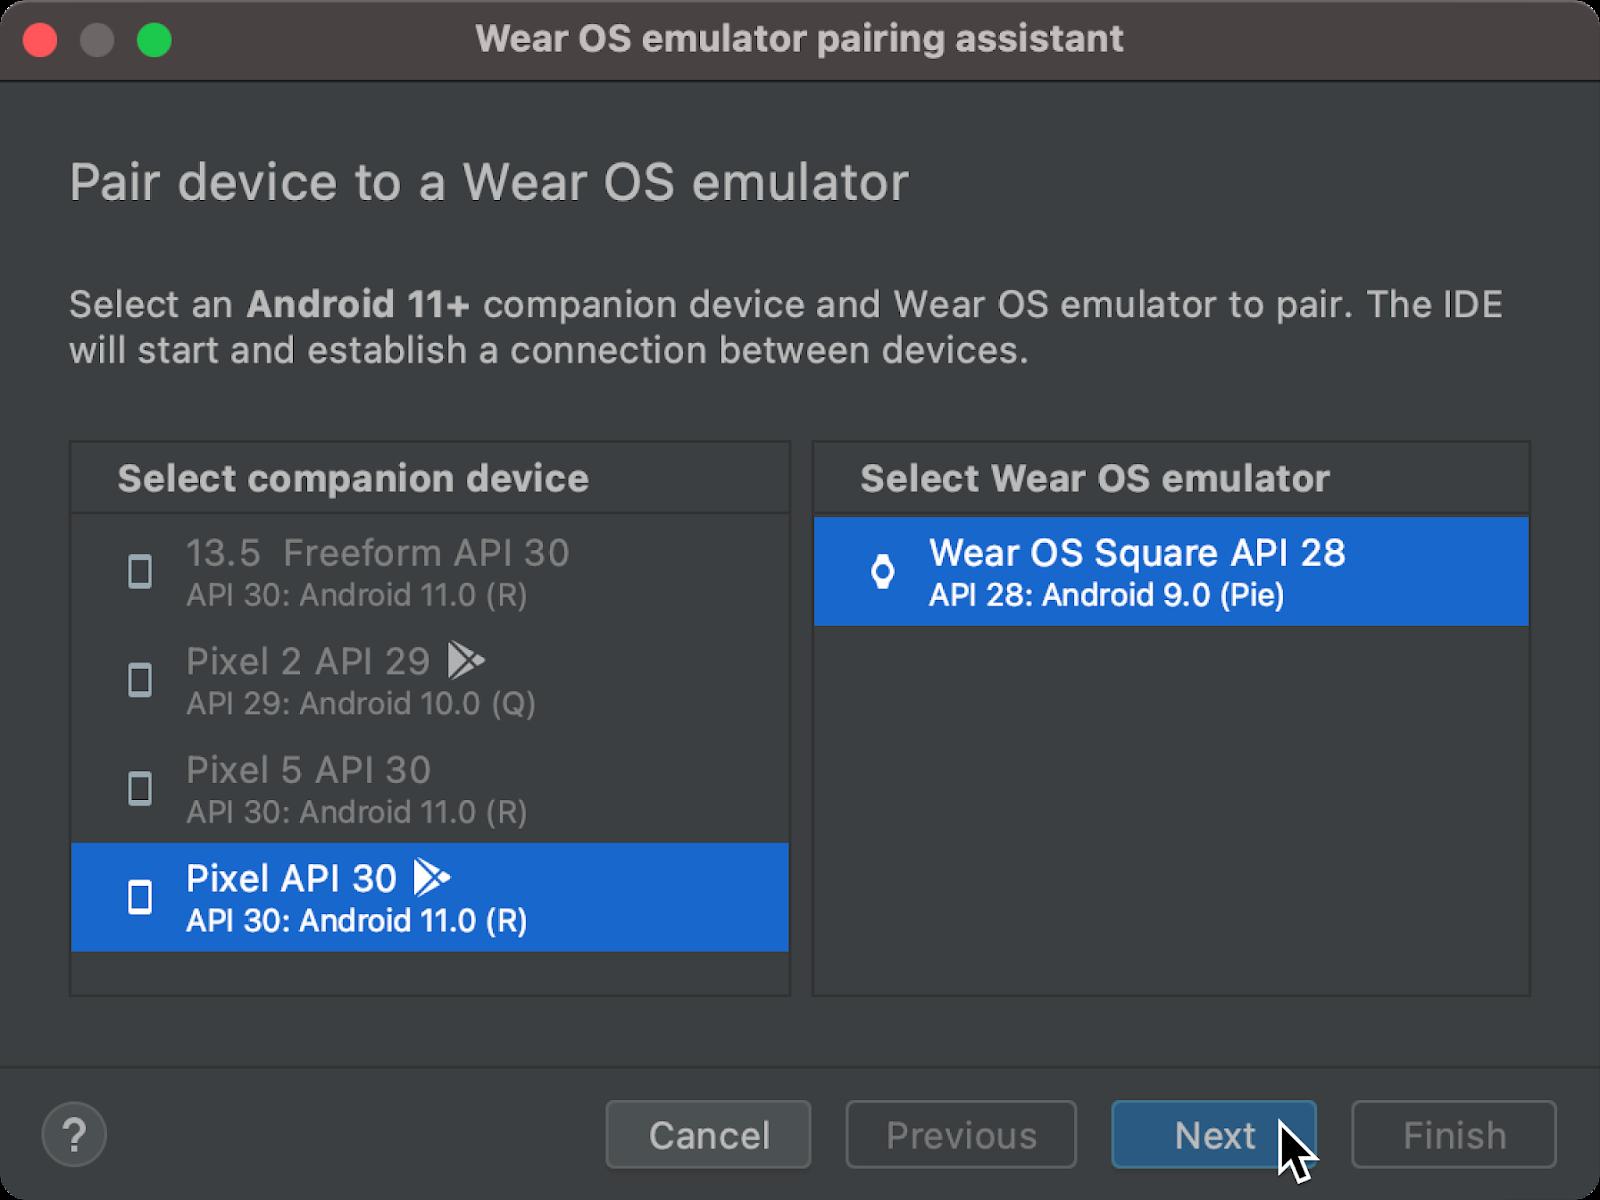 △ Wear OS 模拟器配对助手对话框